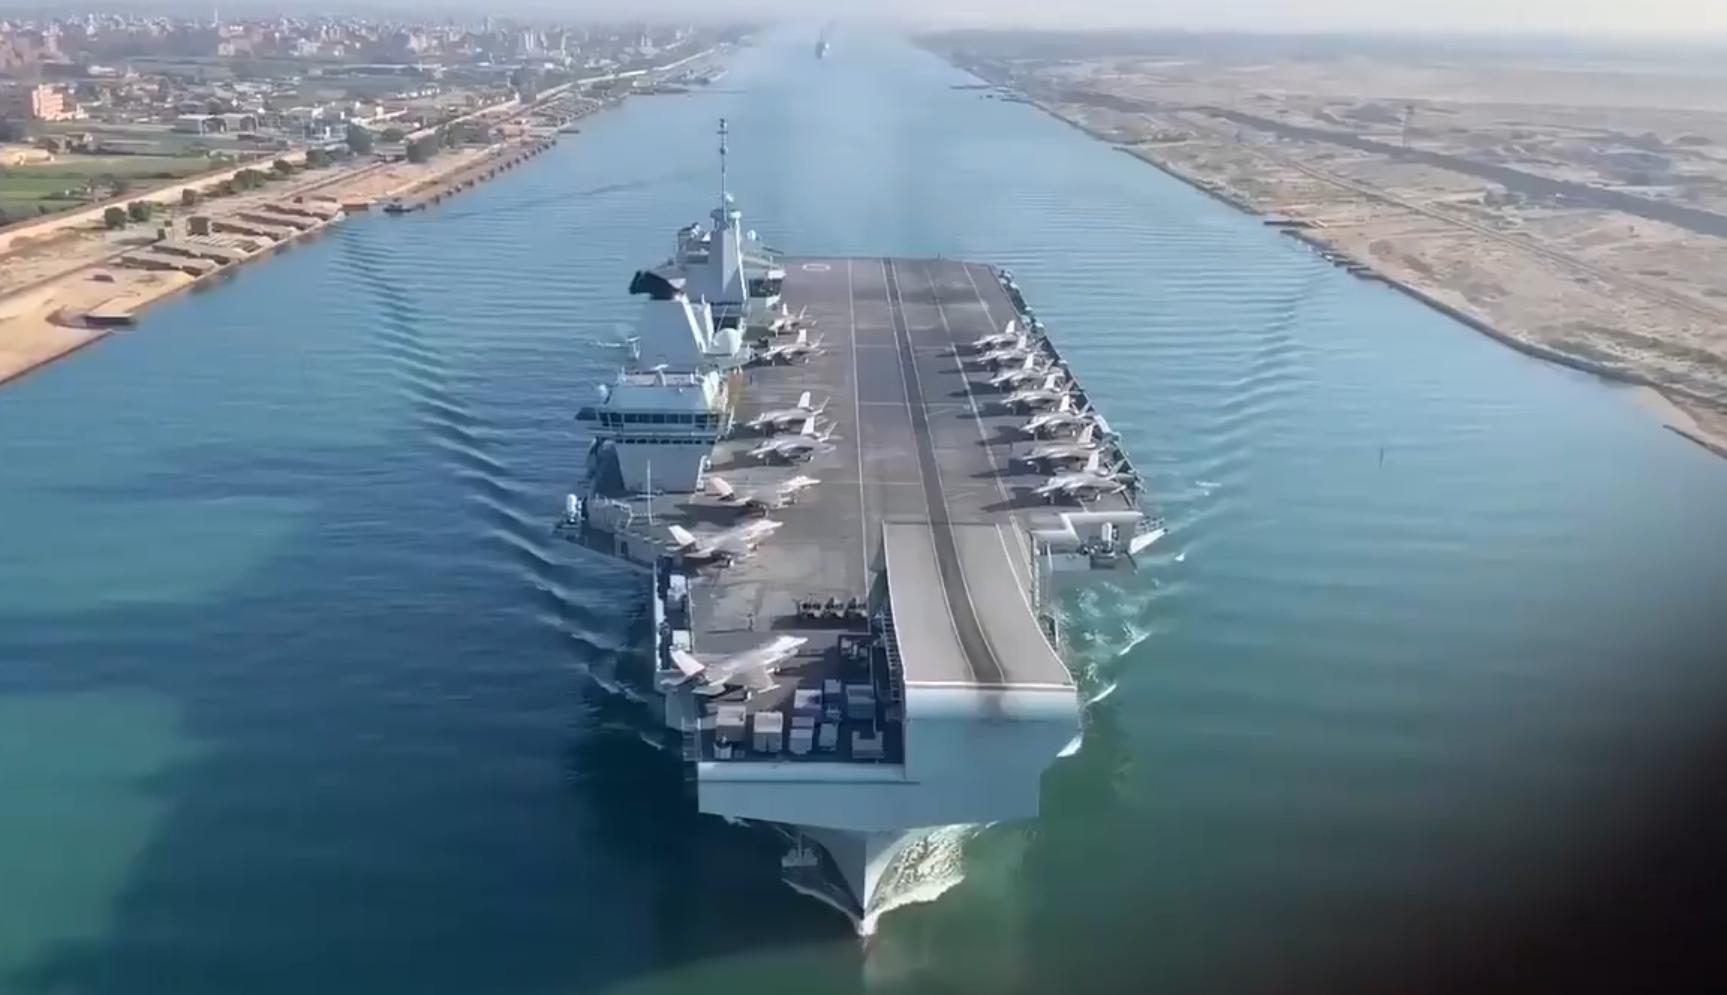 英国女王号航母已经抵达红海 开始第二阶段部署行动